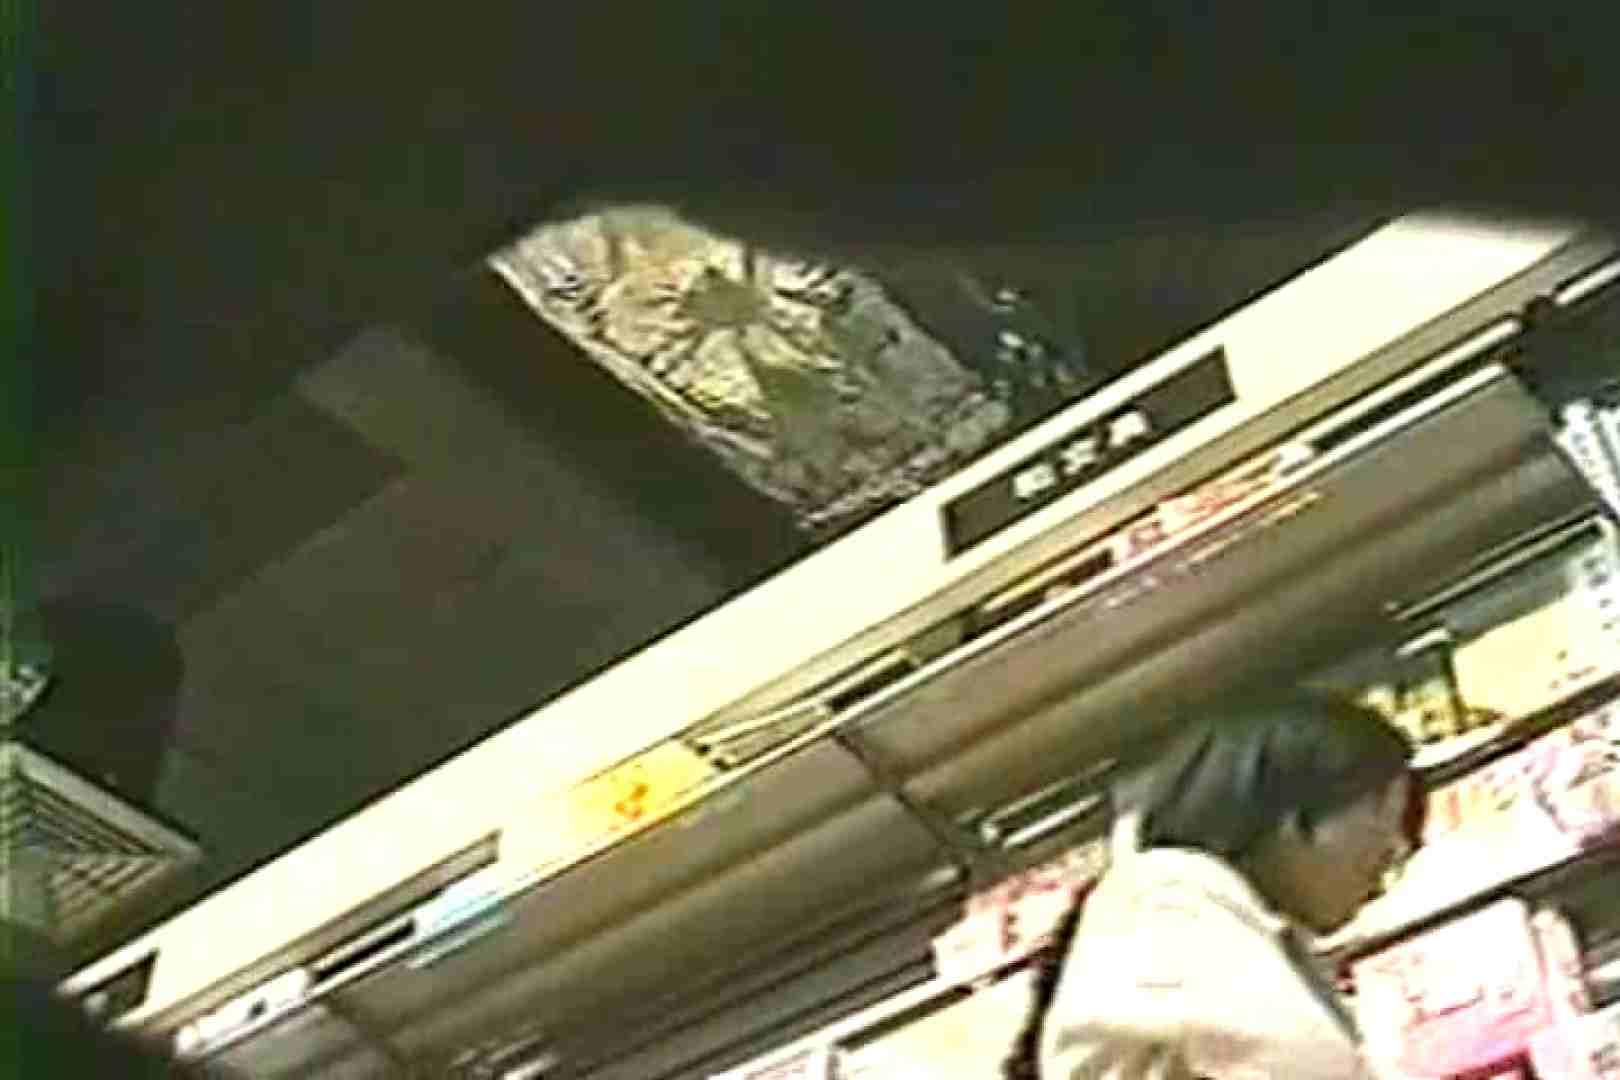 「ちくりん」さんのオリジナル未編集パンチラVol.9_02 パンチラ 覗きオメコ動画キャプチャ 65連発 7